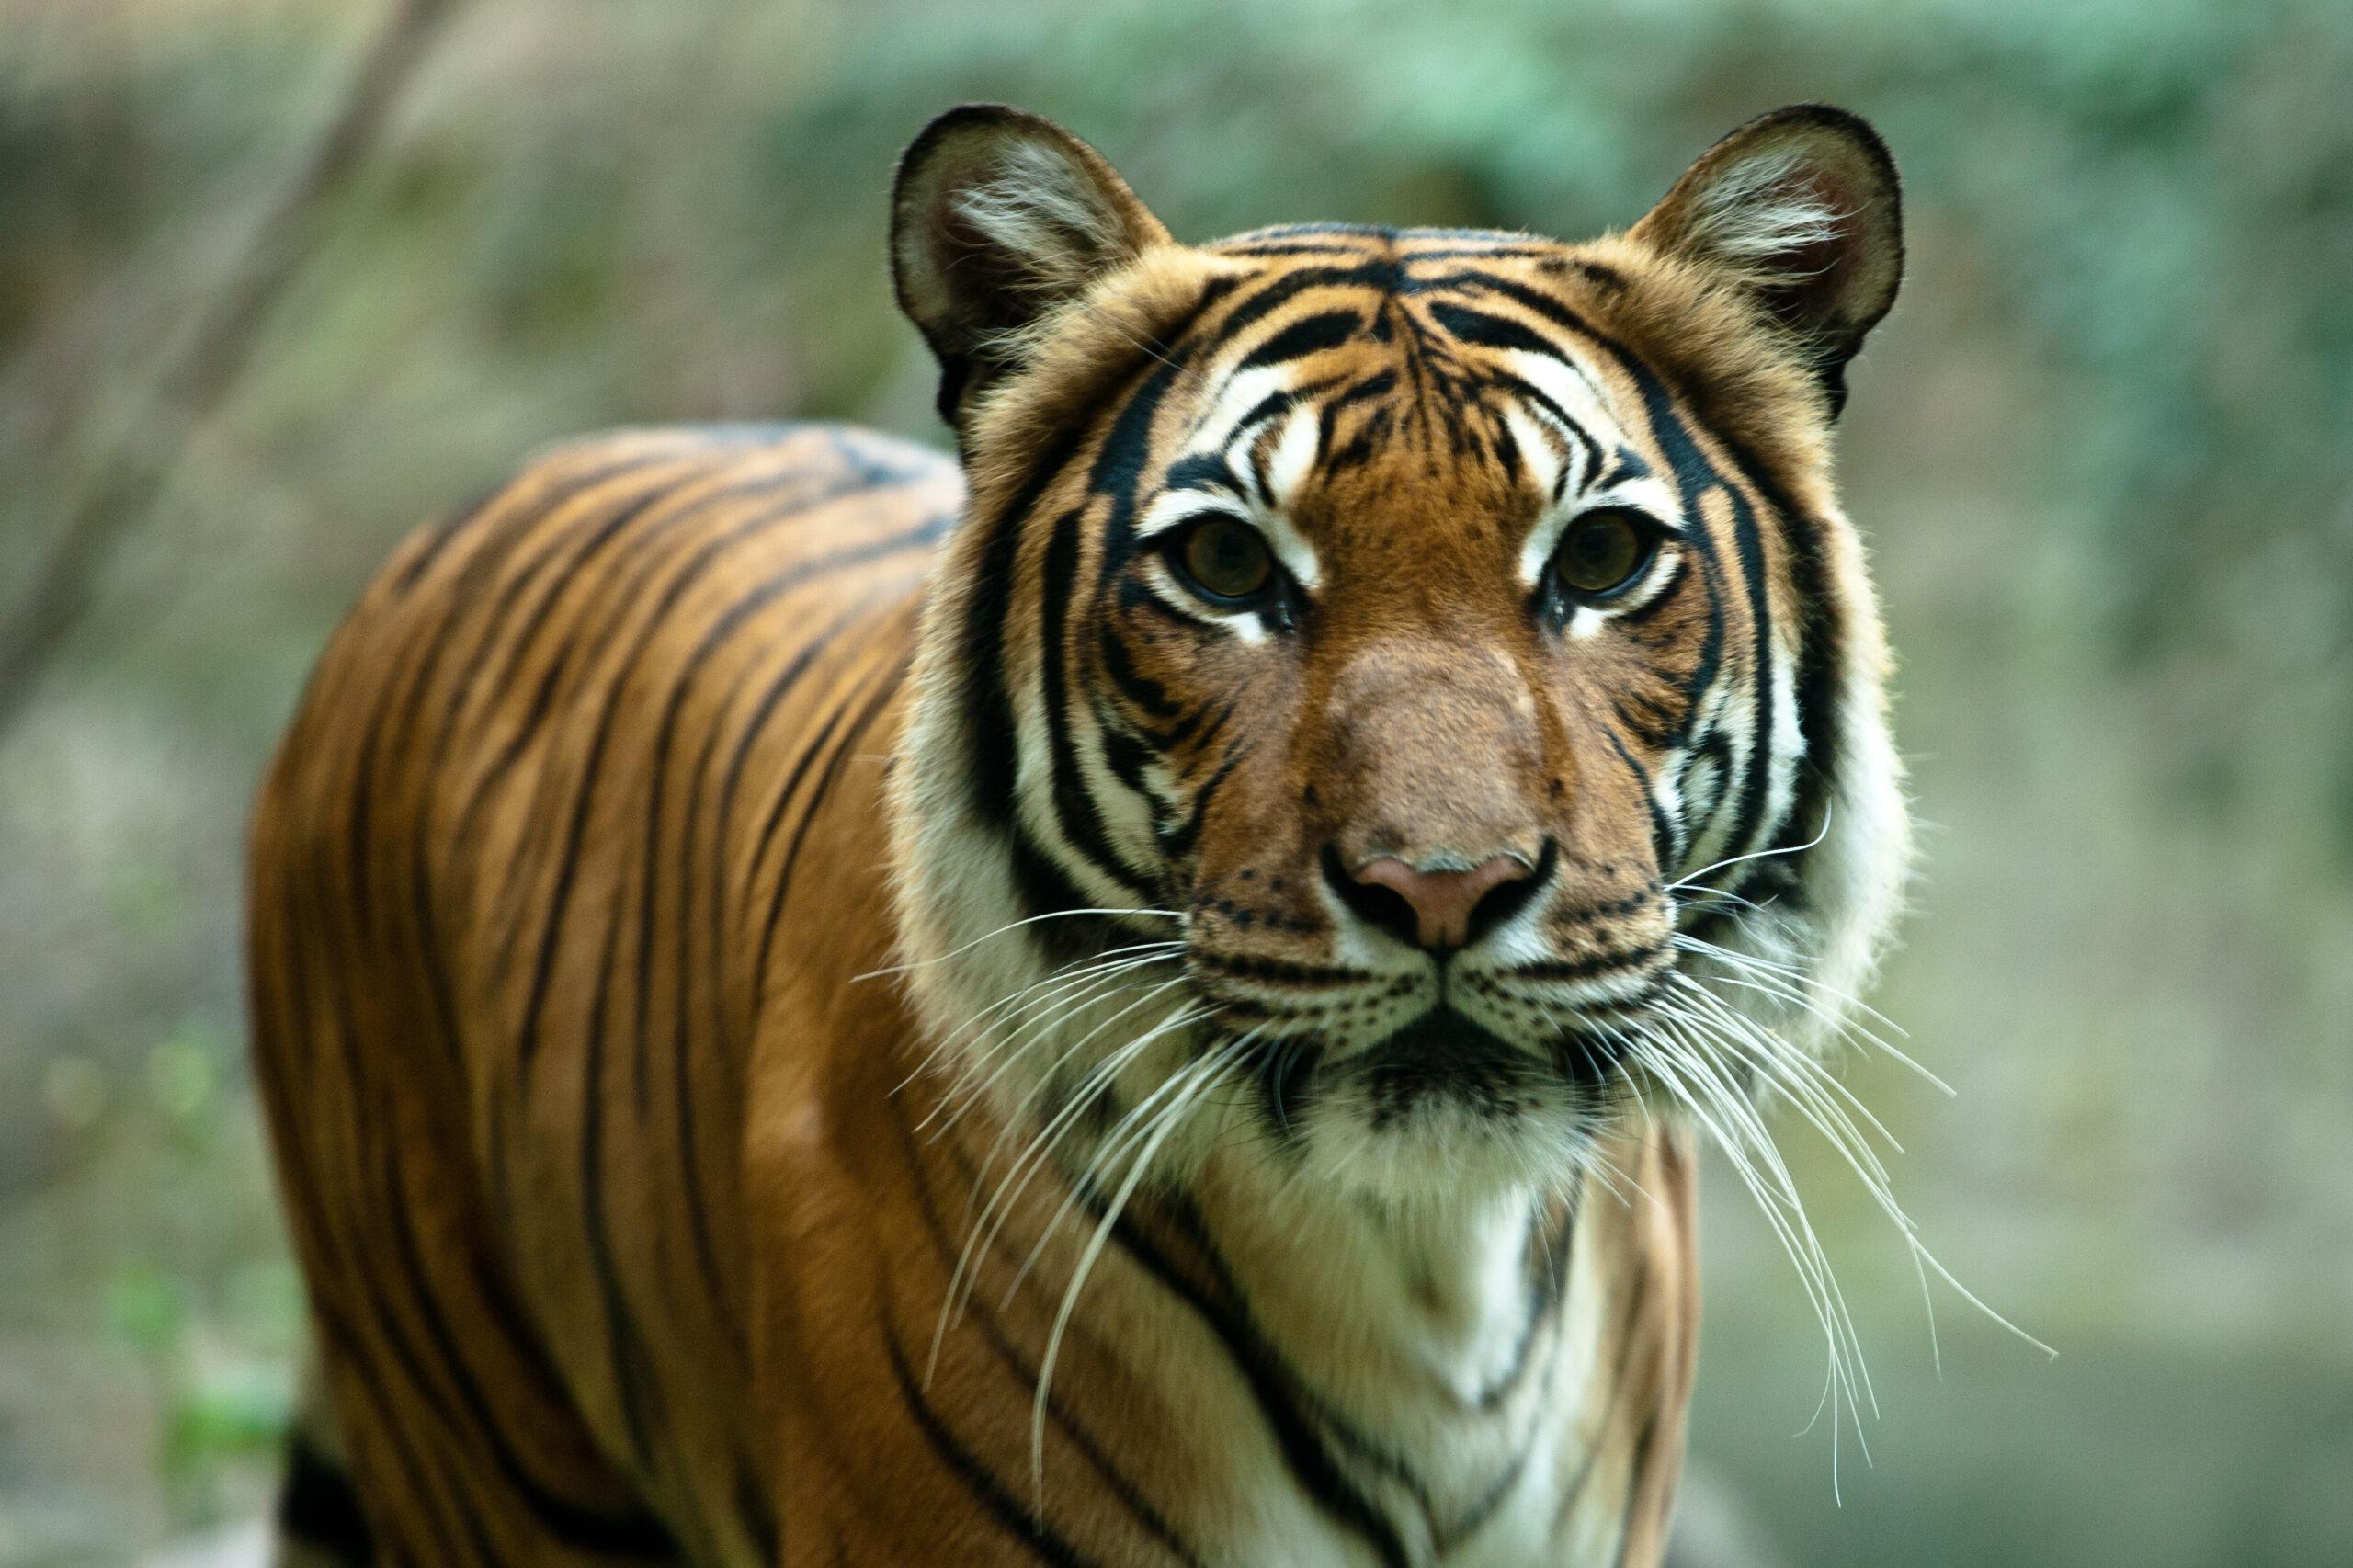 Closeup of a tiger